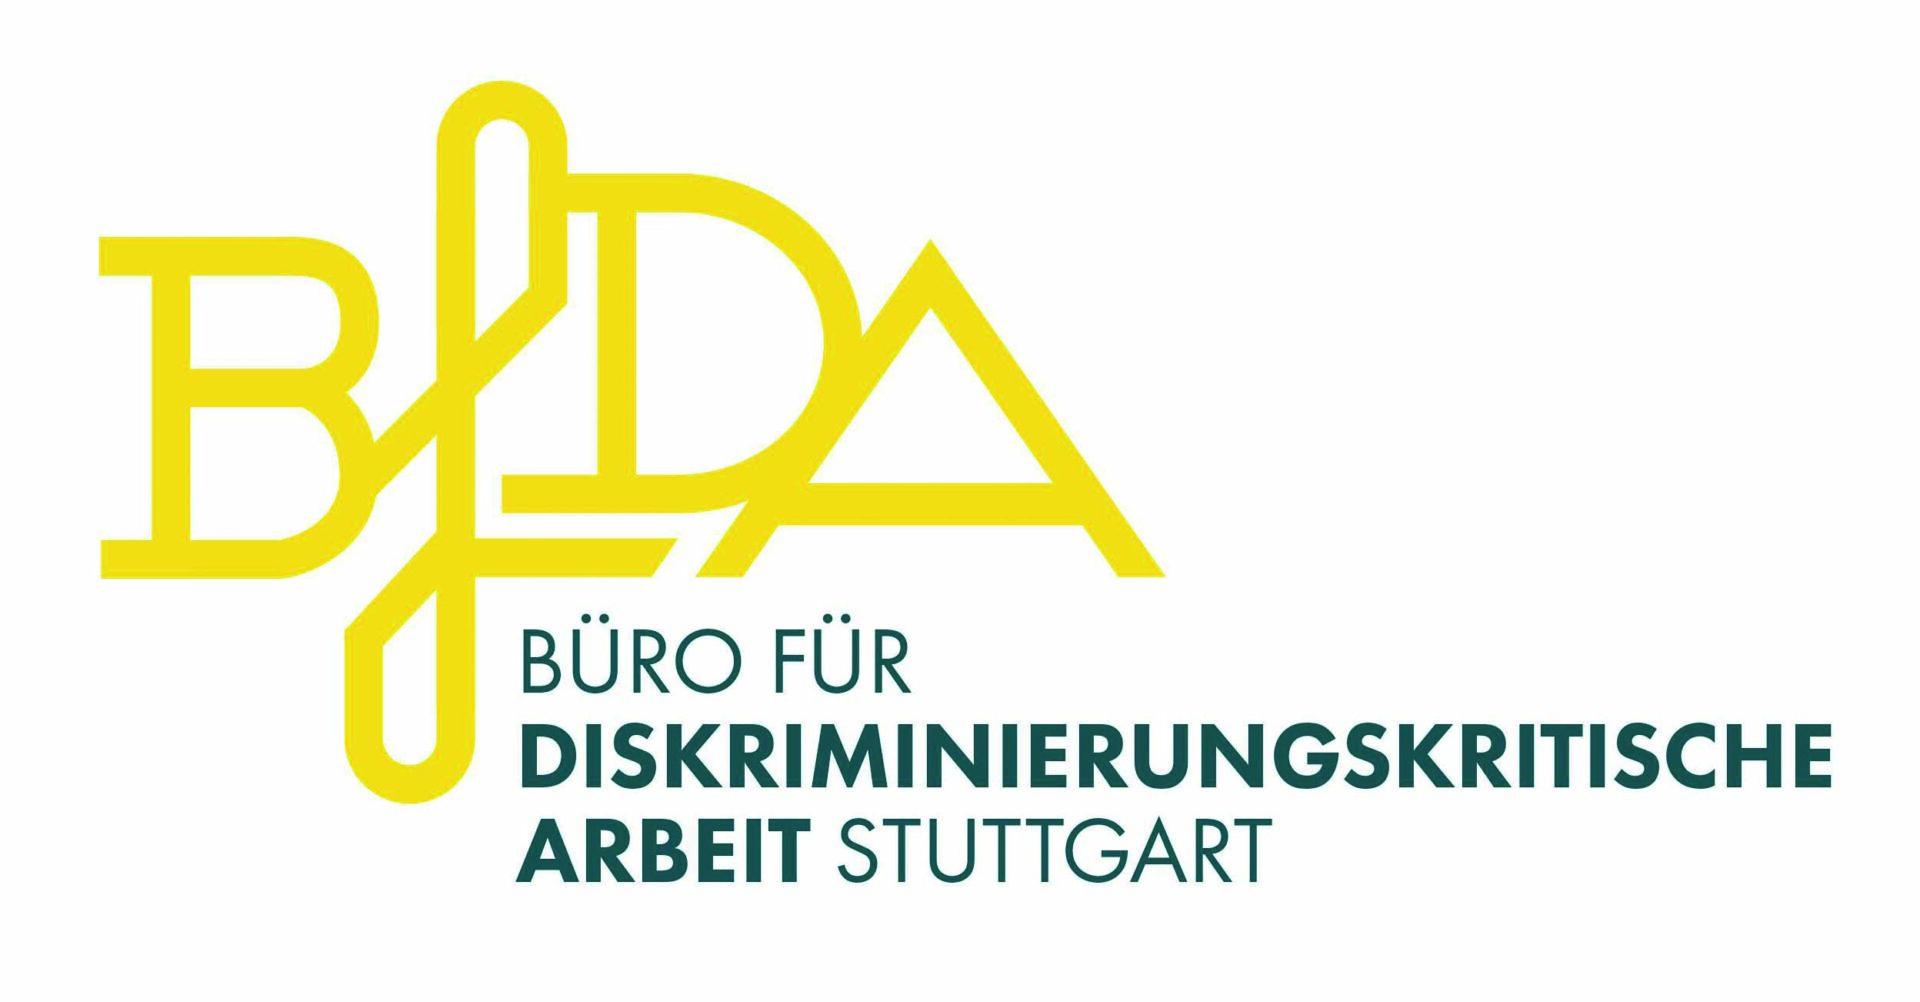 Büro für Diskriminierungskritische Arbeit Stuttgart